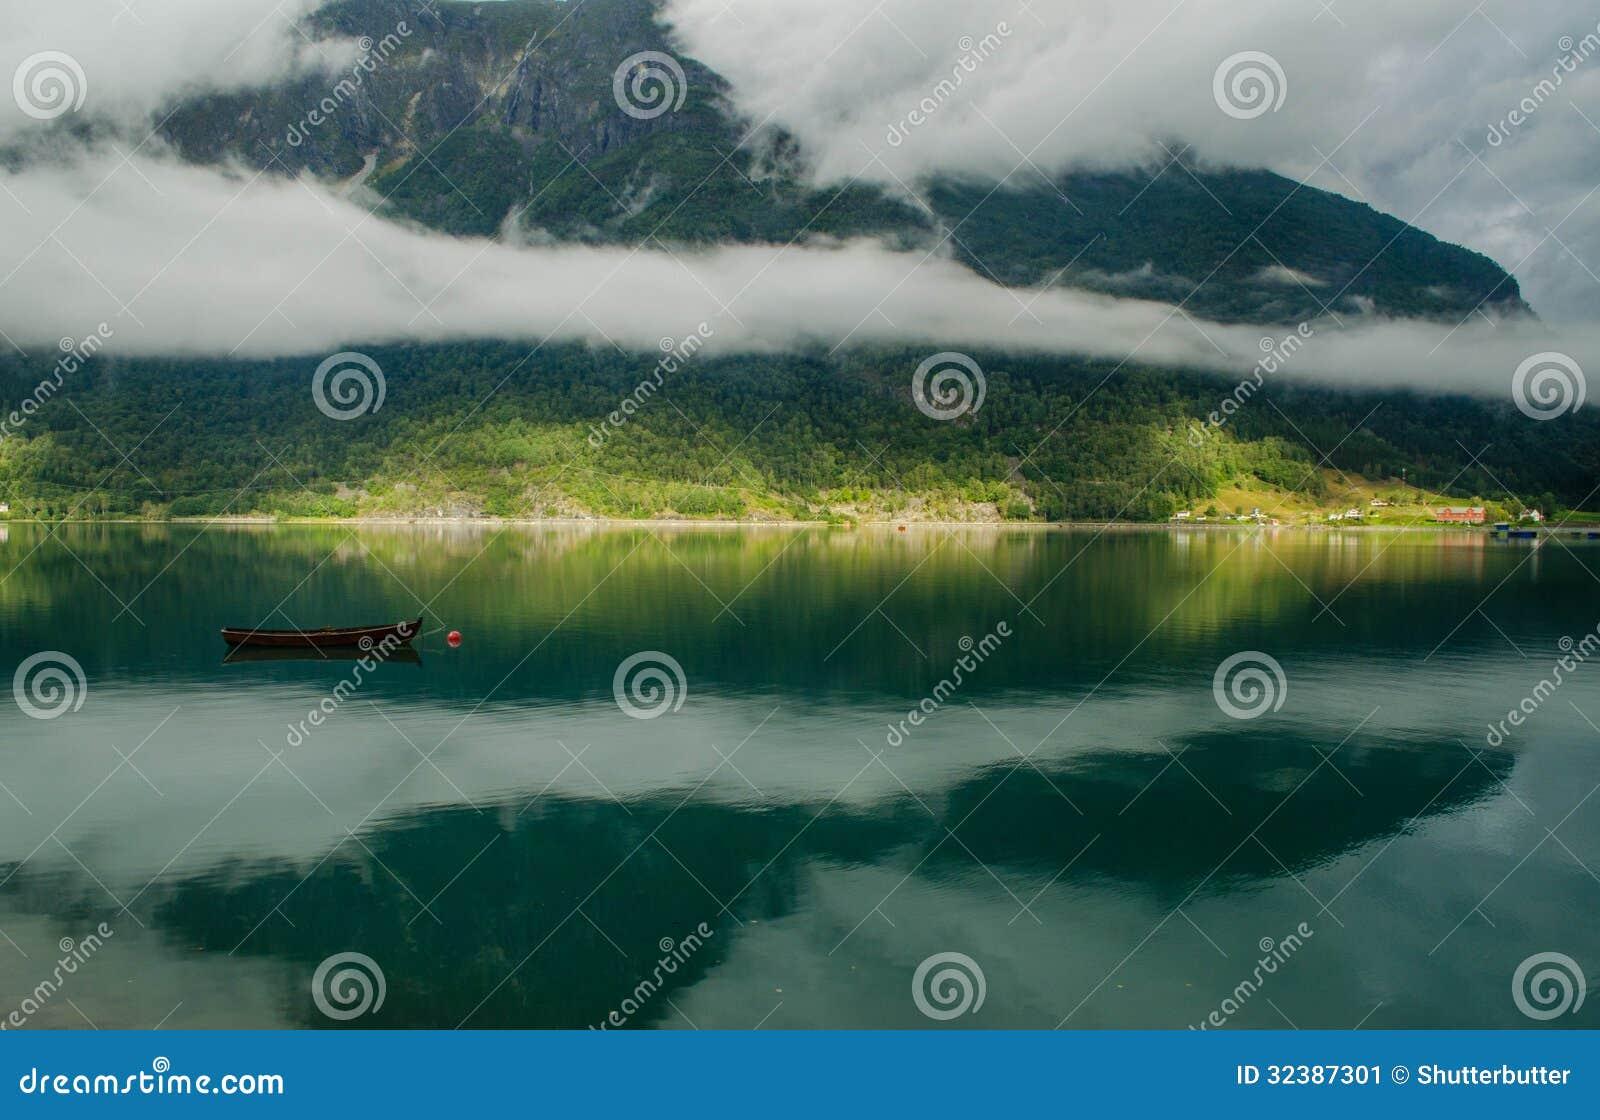 alaska fishing boat plans